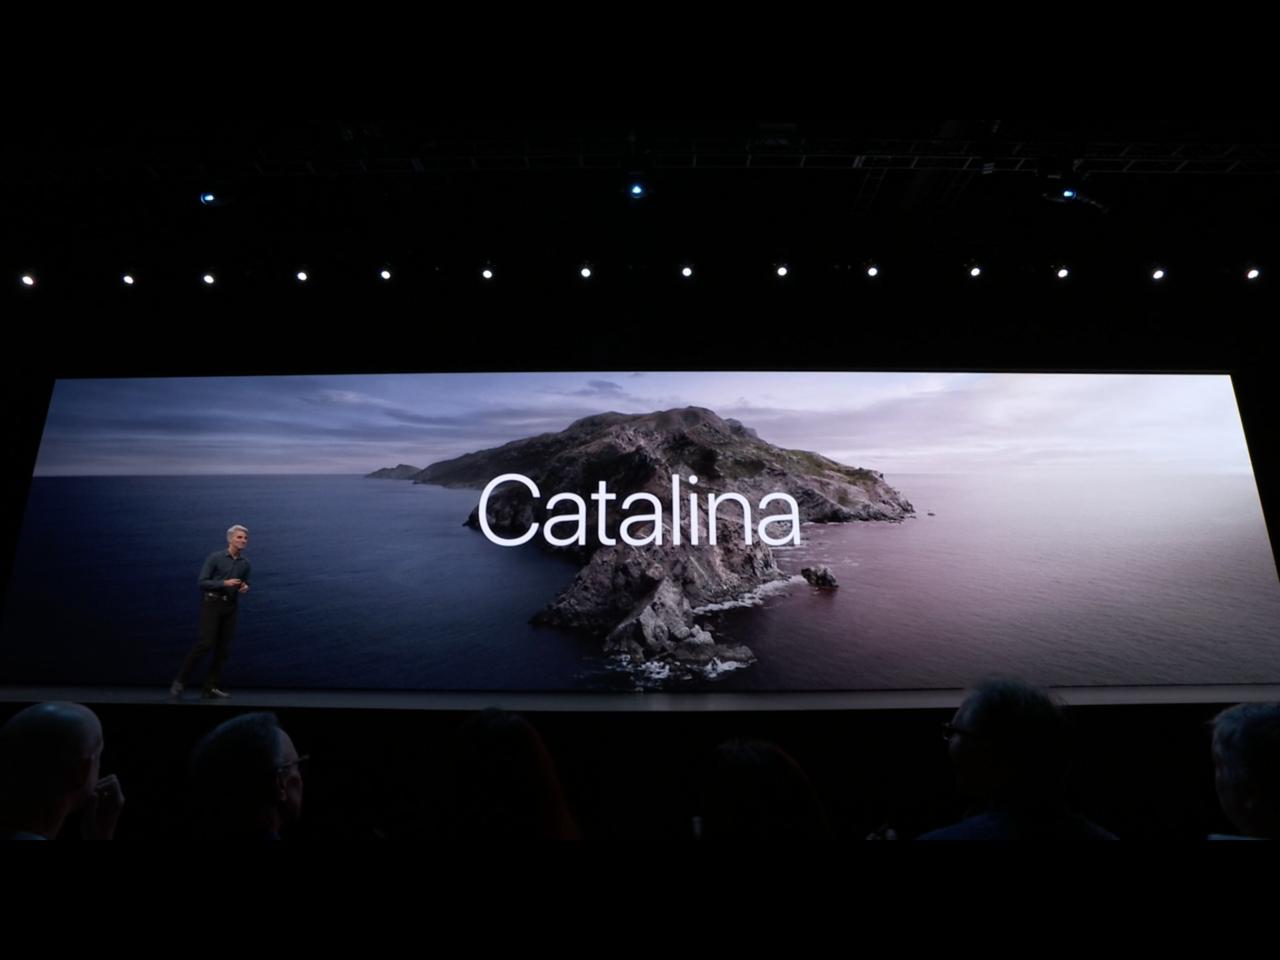 蘋果於WWDC發布最新Mac作業系統「macOS Catalina」。圖/摘自蘋...